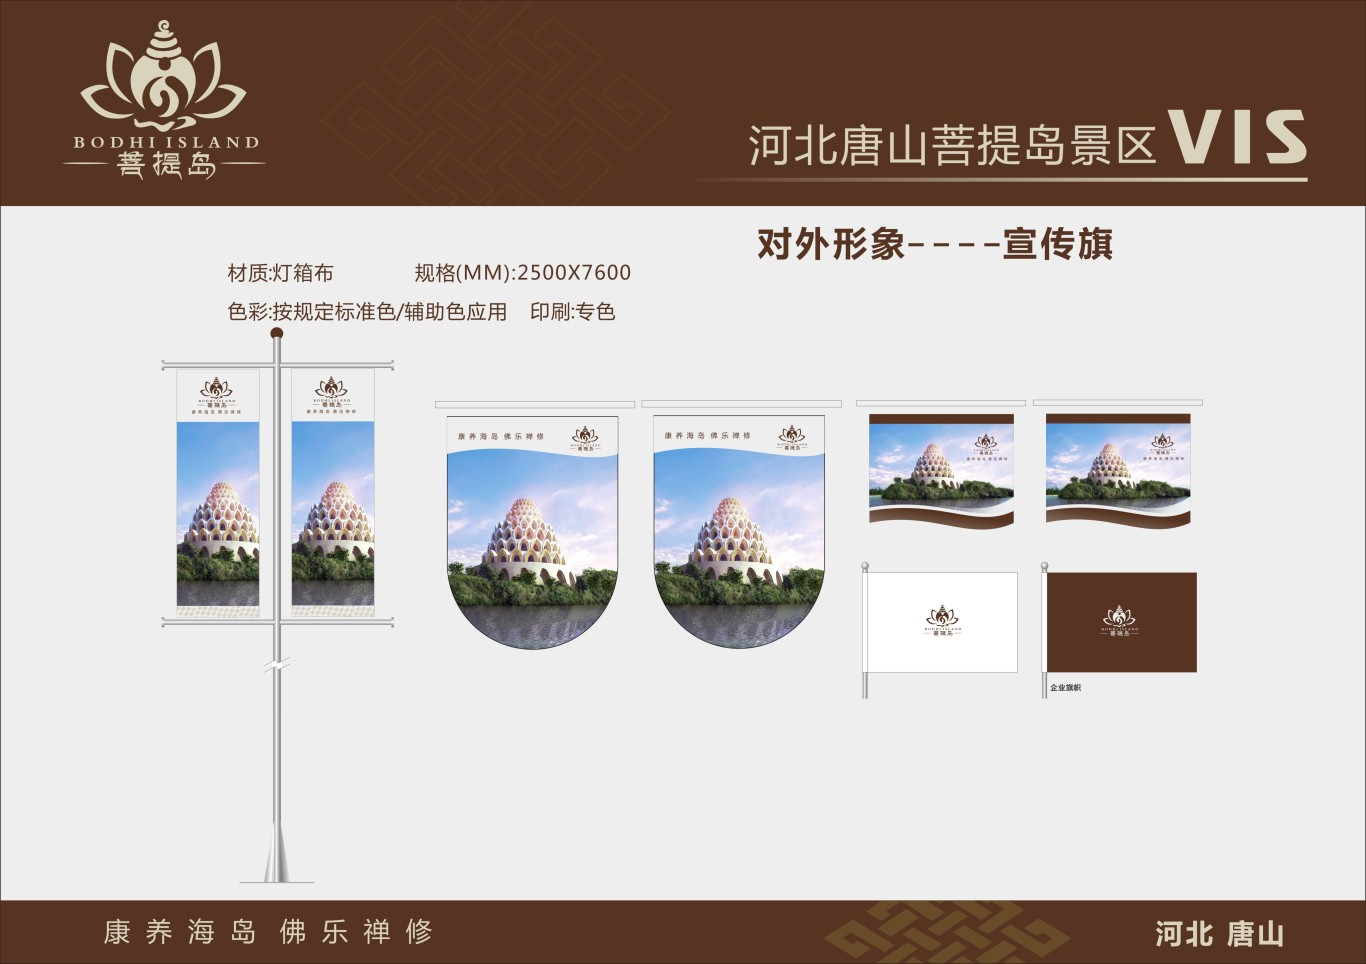 唐山国际湾菩提岛VI设计图6